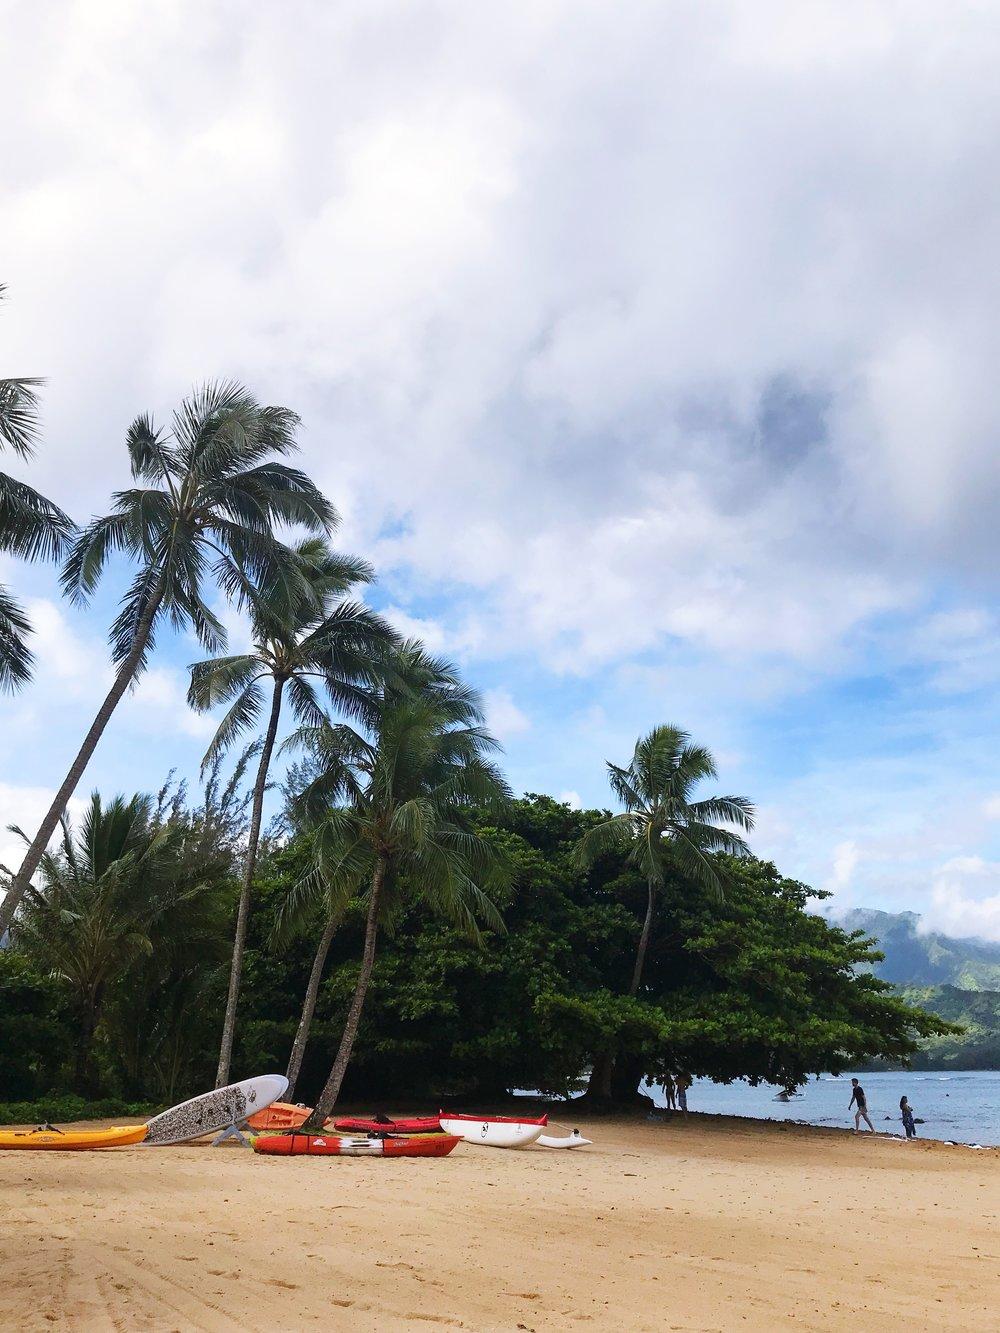 St_Regis_Beach_Kauai